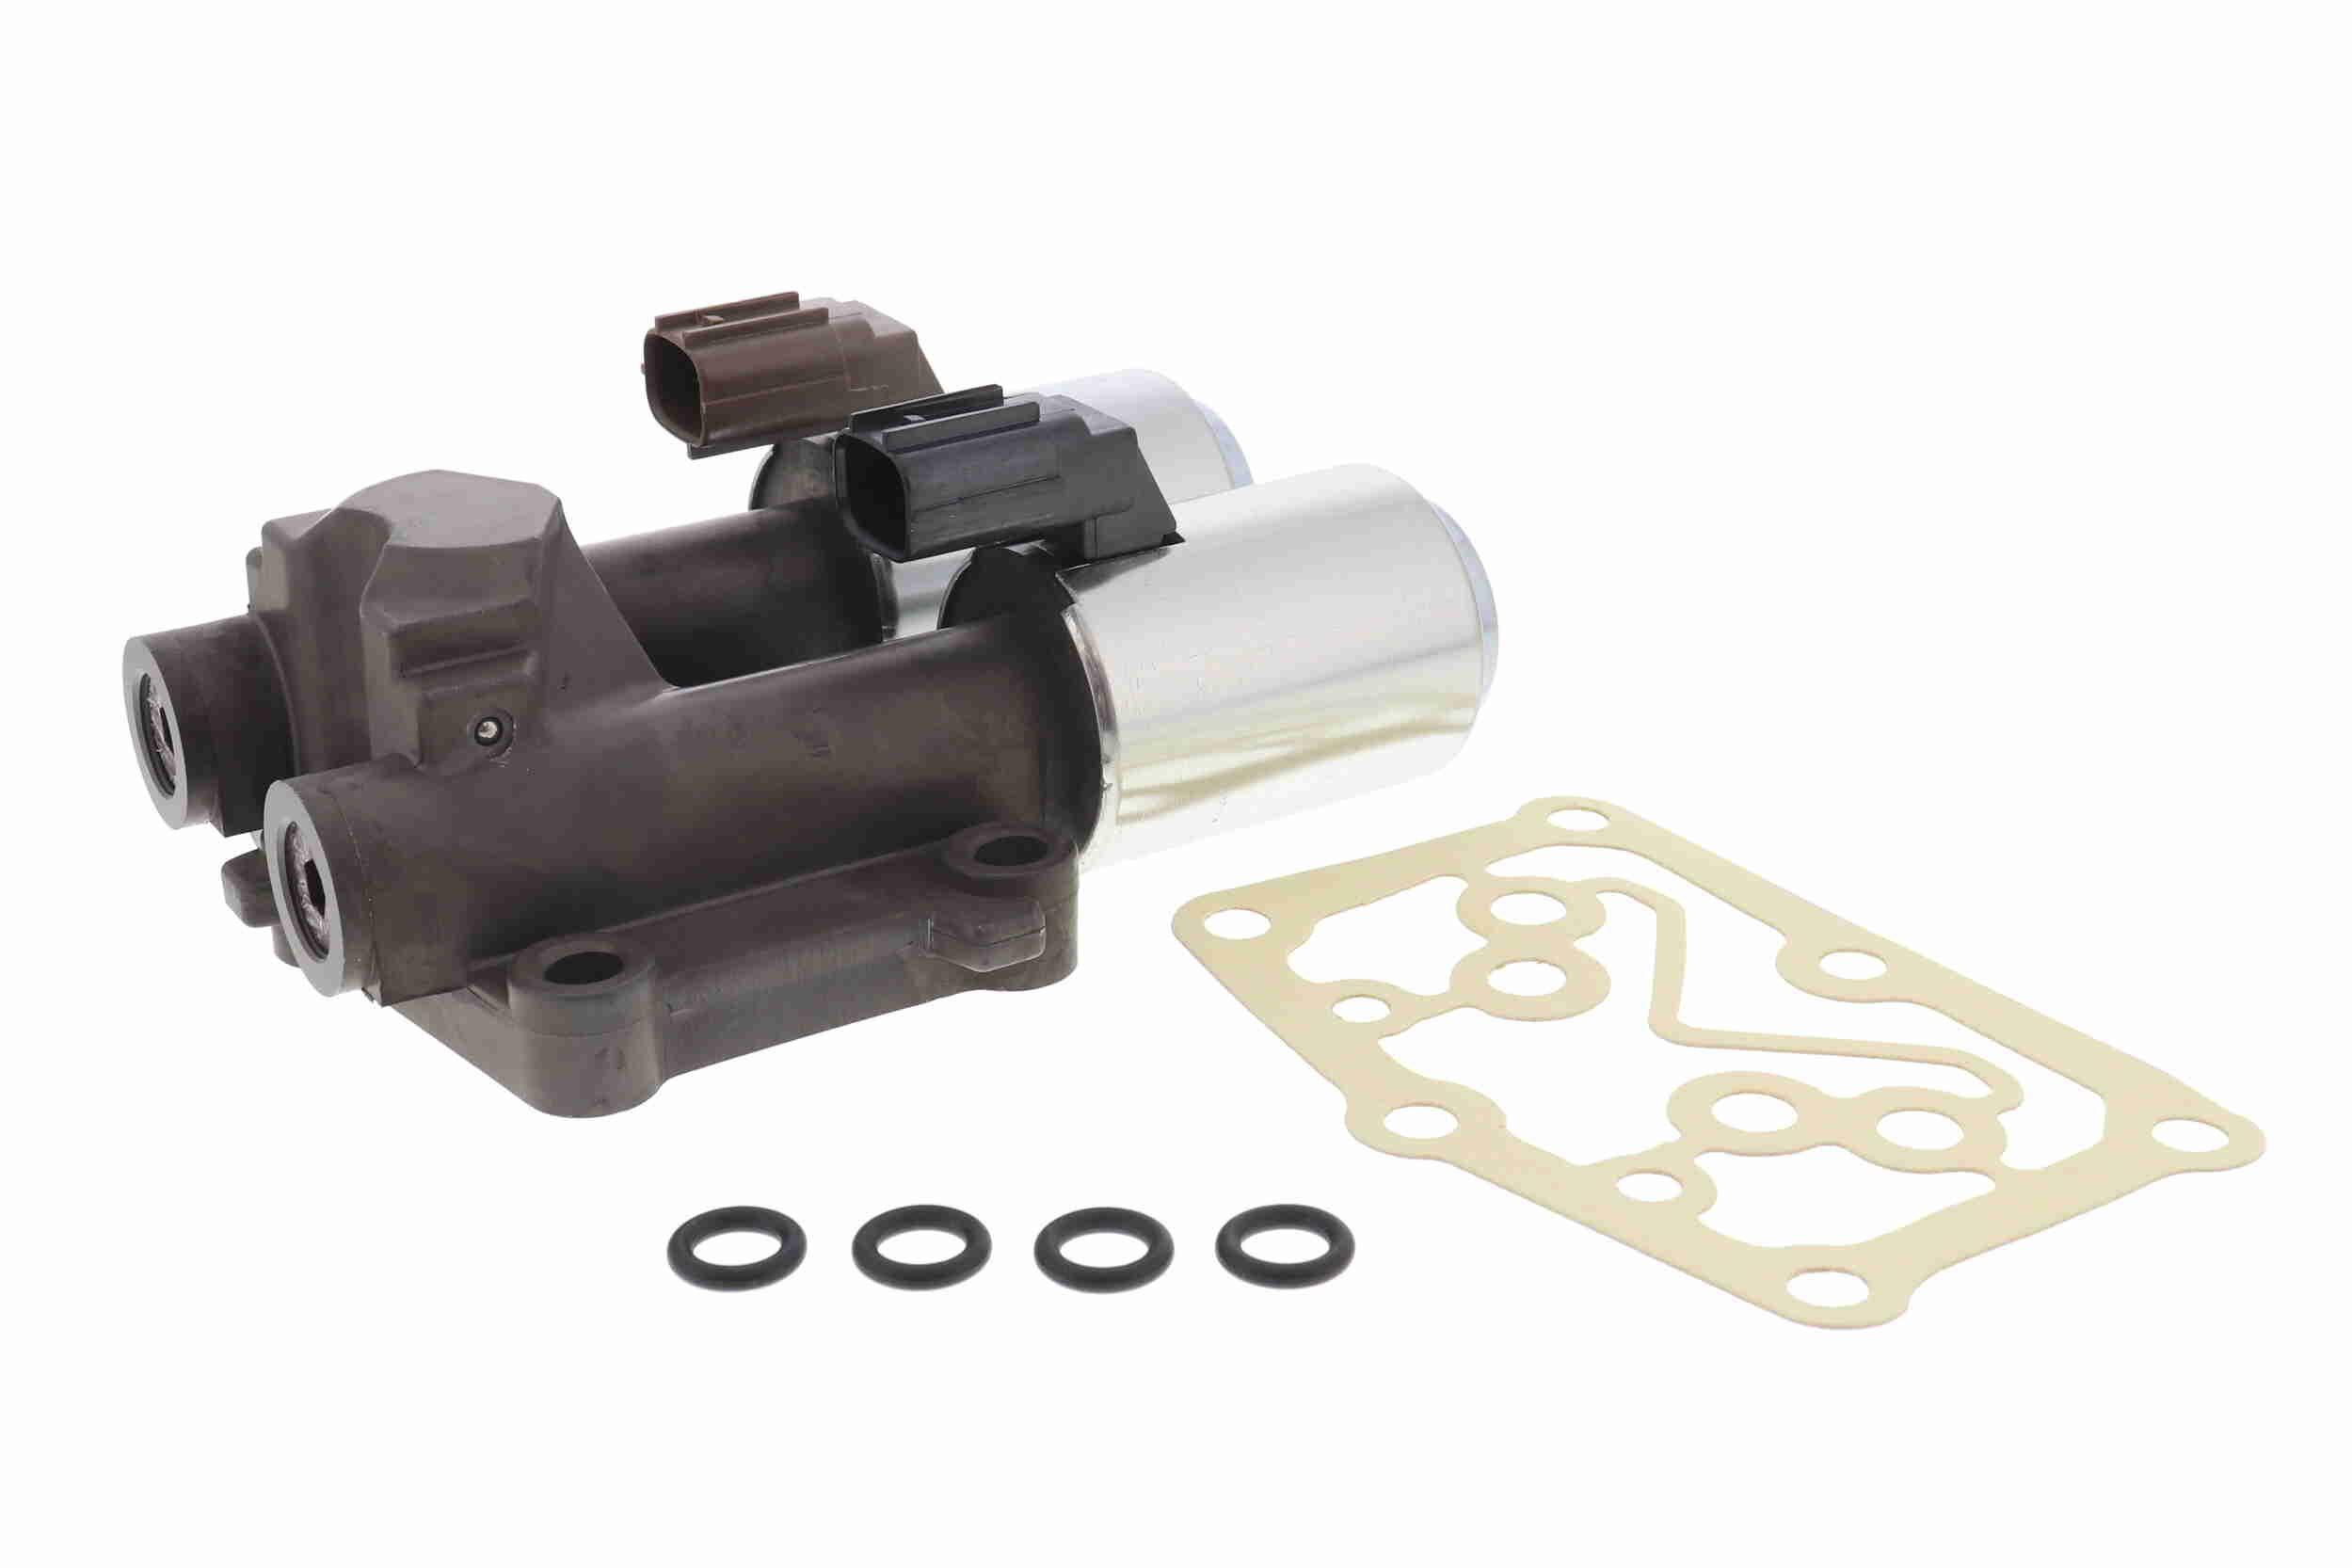 HONDA STREAM 2015 Schaltventil, Automatikgetriebe - Original ACKOJA A26-77-0010